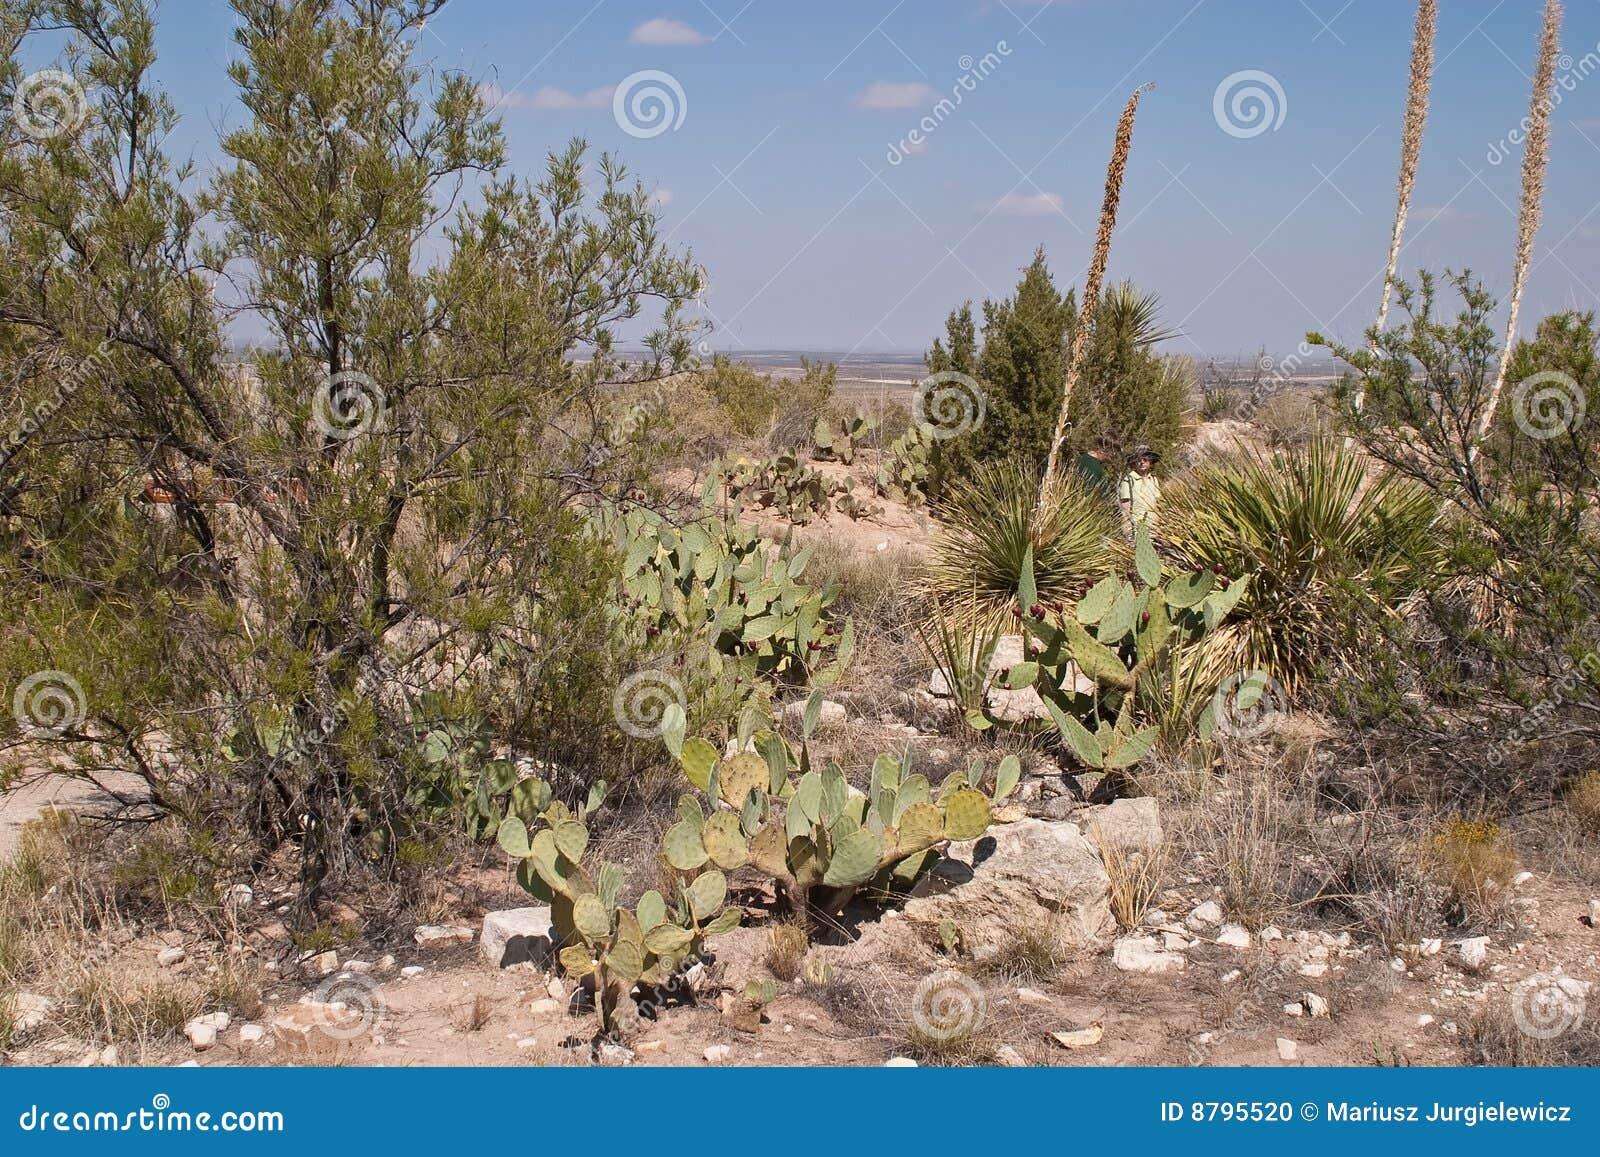 Living Desert Stock Photo Image 8795520